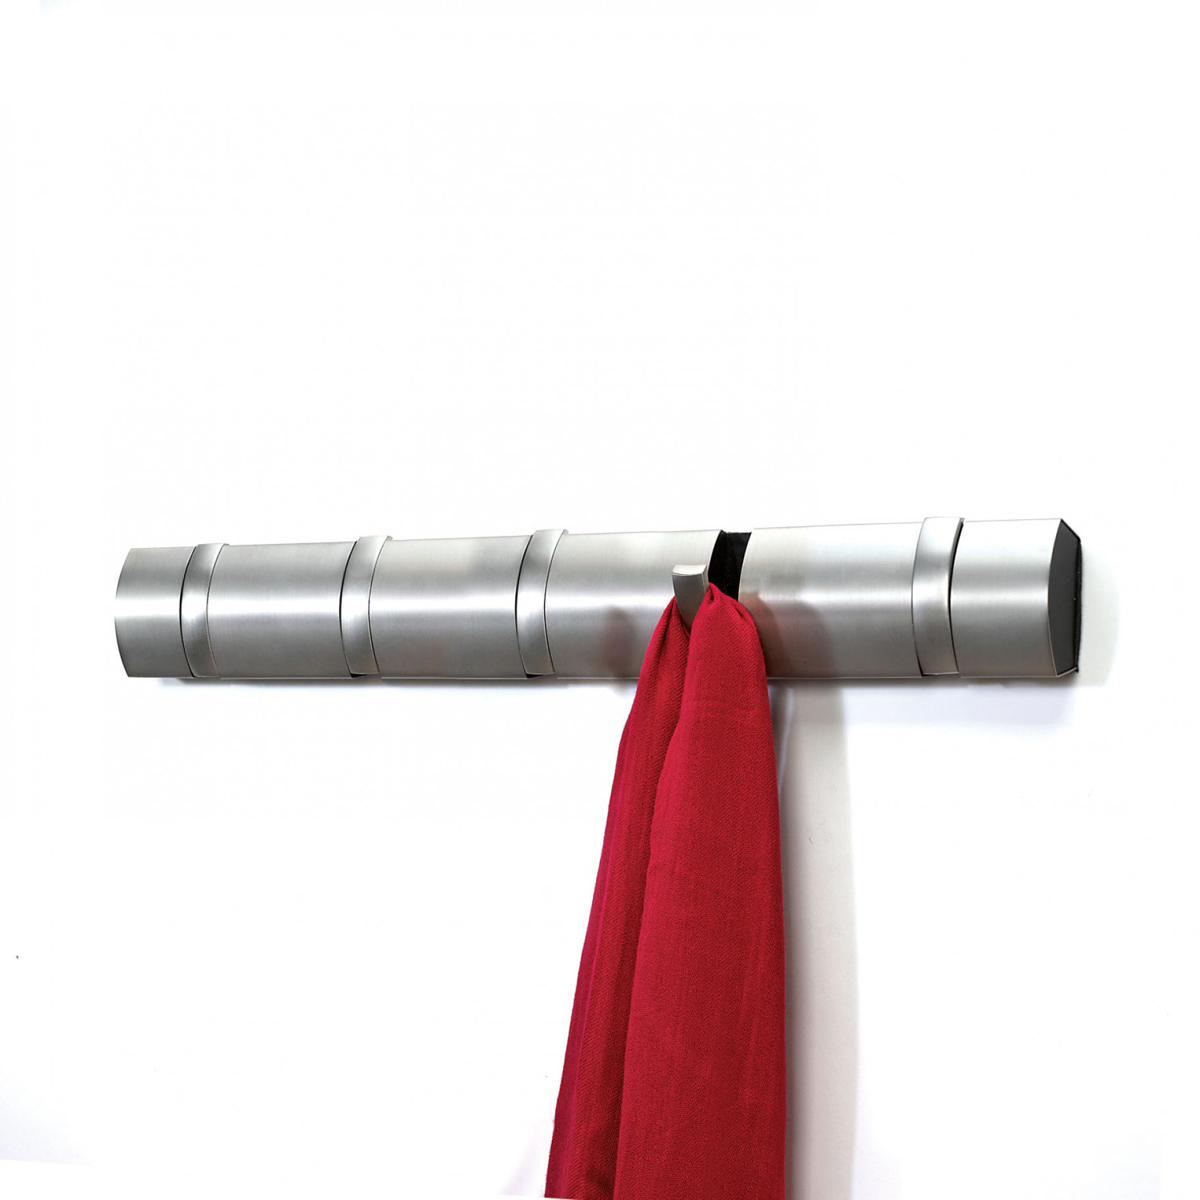 Вешалка настенная Umbra Flip, цвет: стальной, 5 крючков. 318852-410МК-21S LilaceСтильная и прочная вешалка Umbra Flip интересной формы и оригинального дизайна изготовлена из прочного пластика и металла. Имеет 5 откидных крючков из никеля: когда они не используются, то складываются, превращая конструкцию в абсолютно гладкую поверхность. Вешалка Umbra Flip идеально подходит для маленьких прихожих и ограниченных пространств. Каждый крючок выдерживает вес до 2,3 кг. Размер вешалки: 51 см х 5,5 см х 2 см.